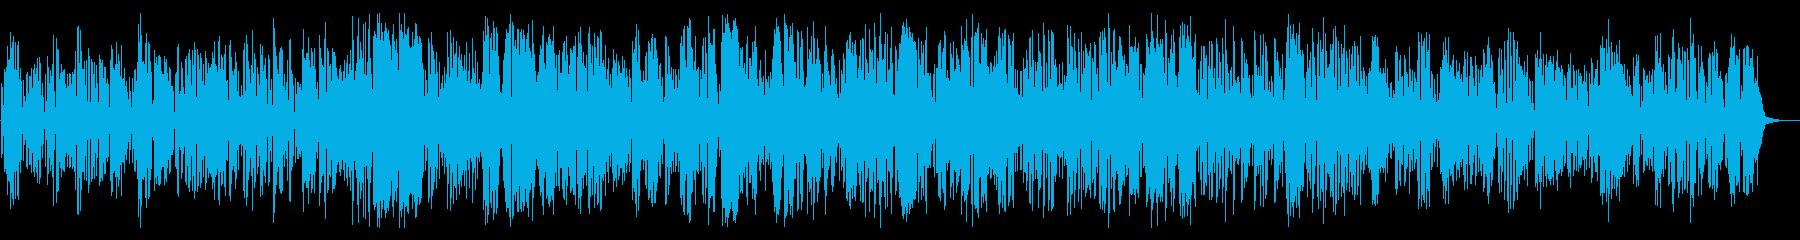 陽気なクラリネットメロディとジャズピアノの再生済みの波形